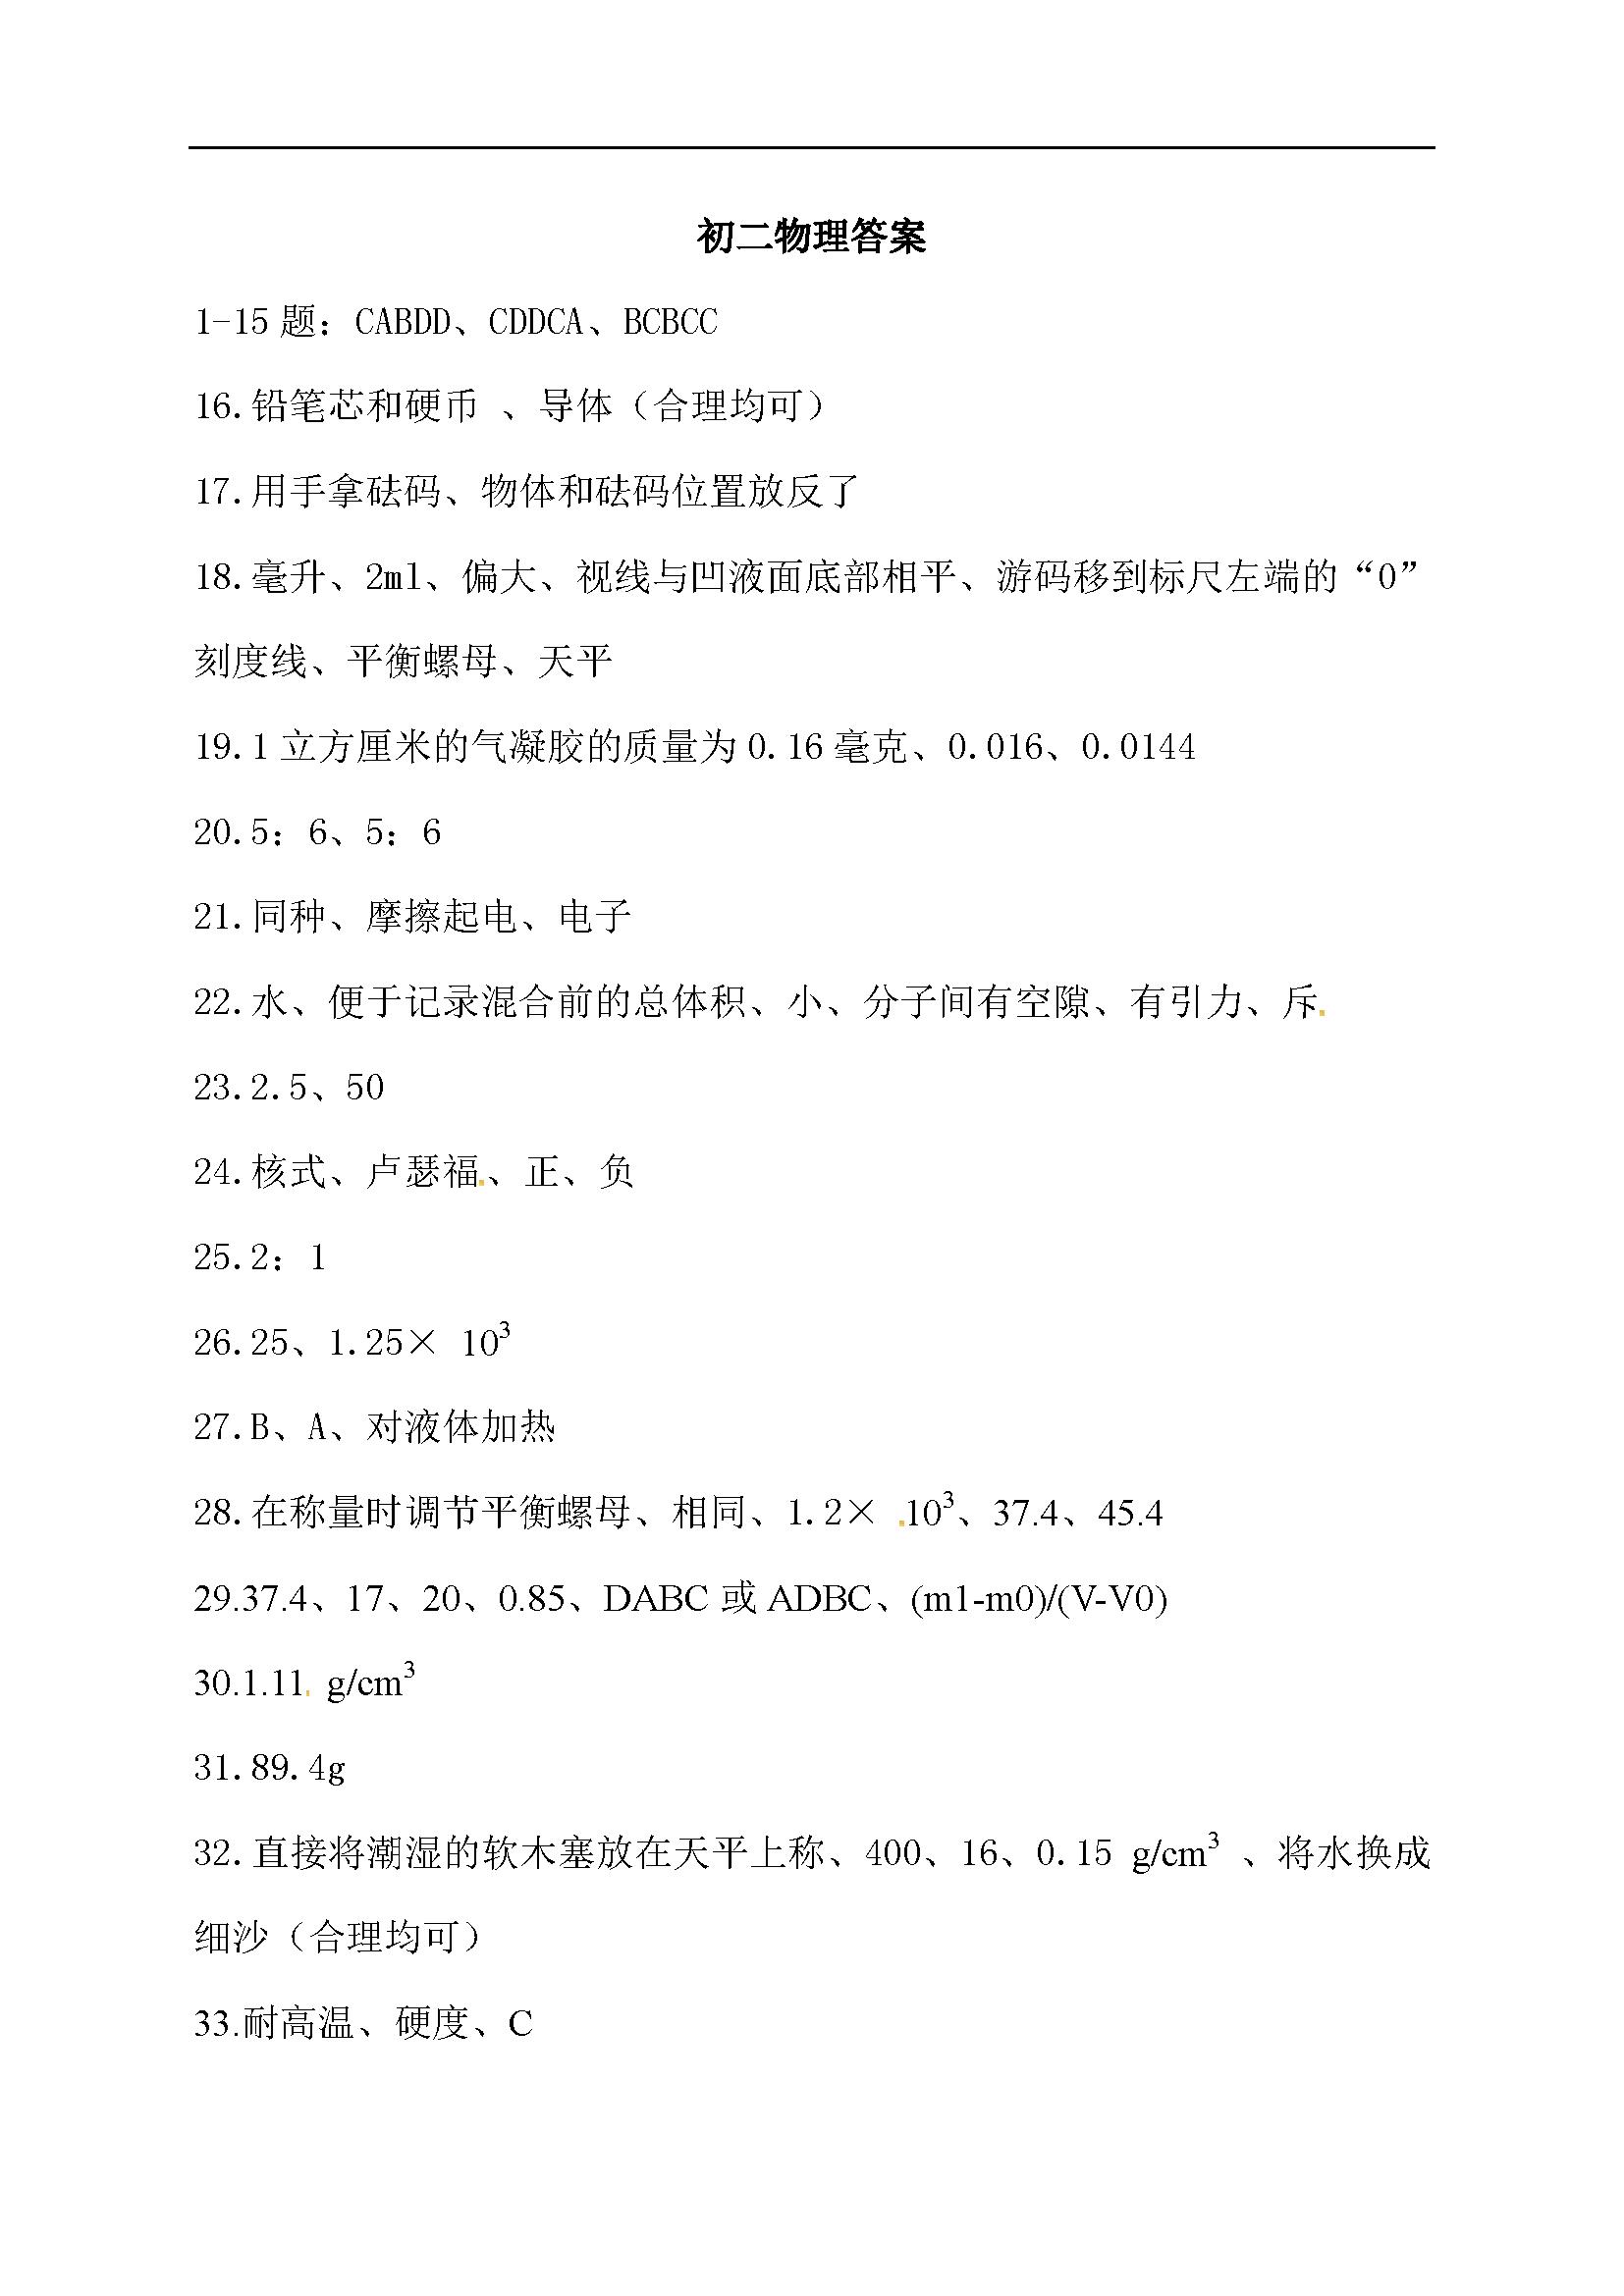 江苏苏州吴江青云中学2016-2017八年级下第一次测试物理试题答案(Word版)